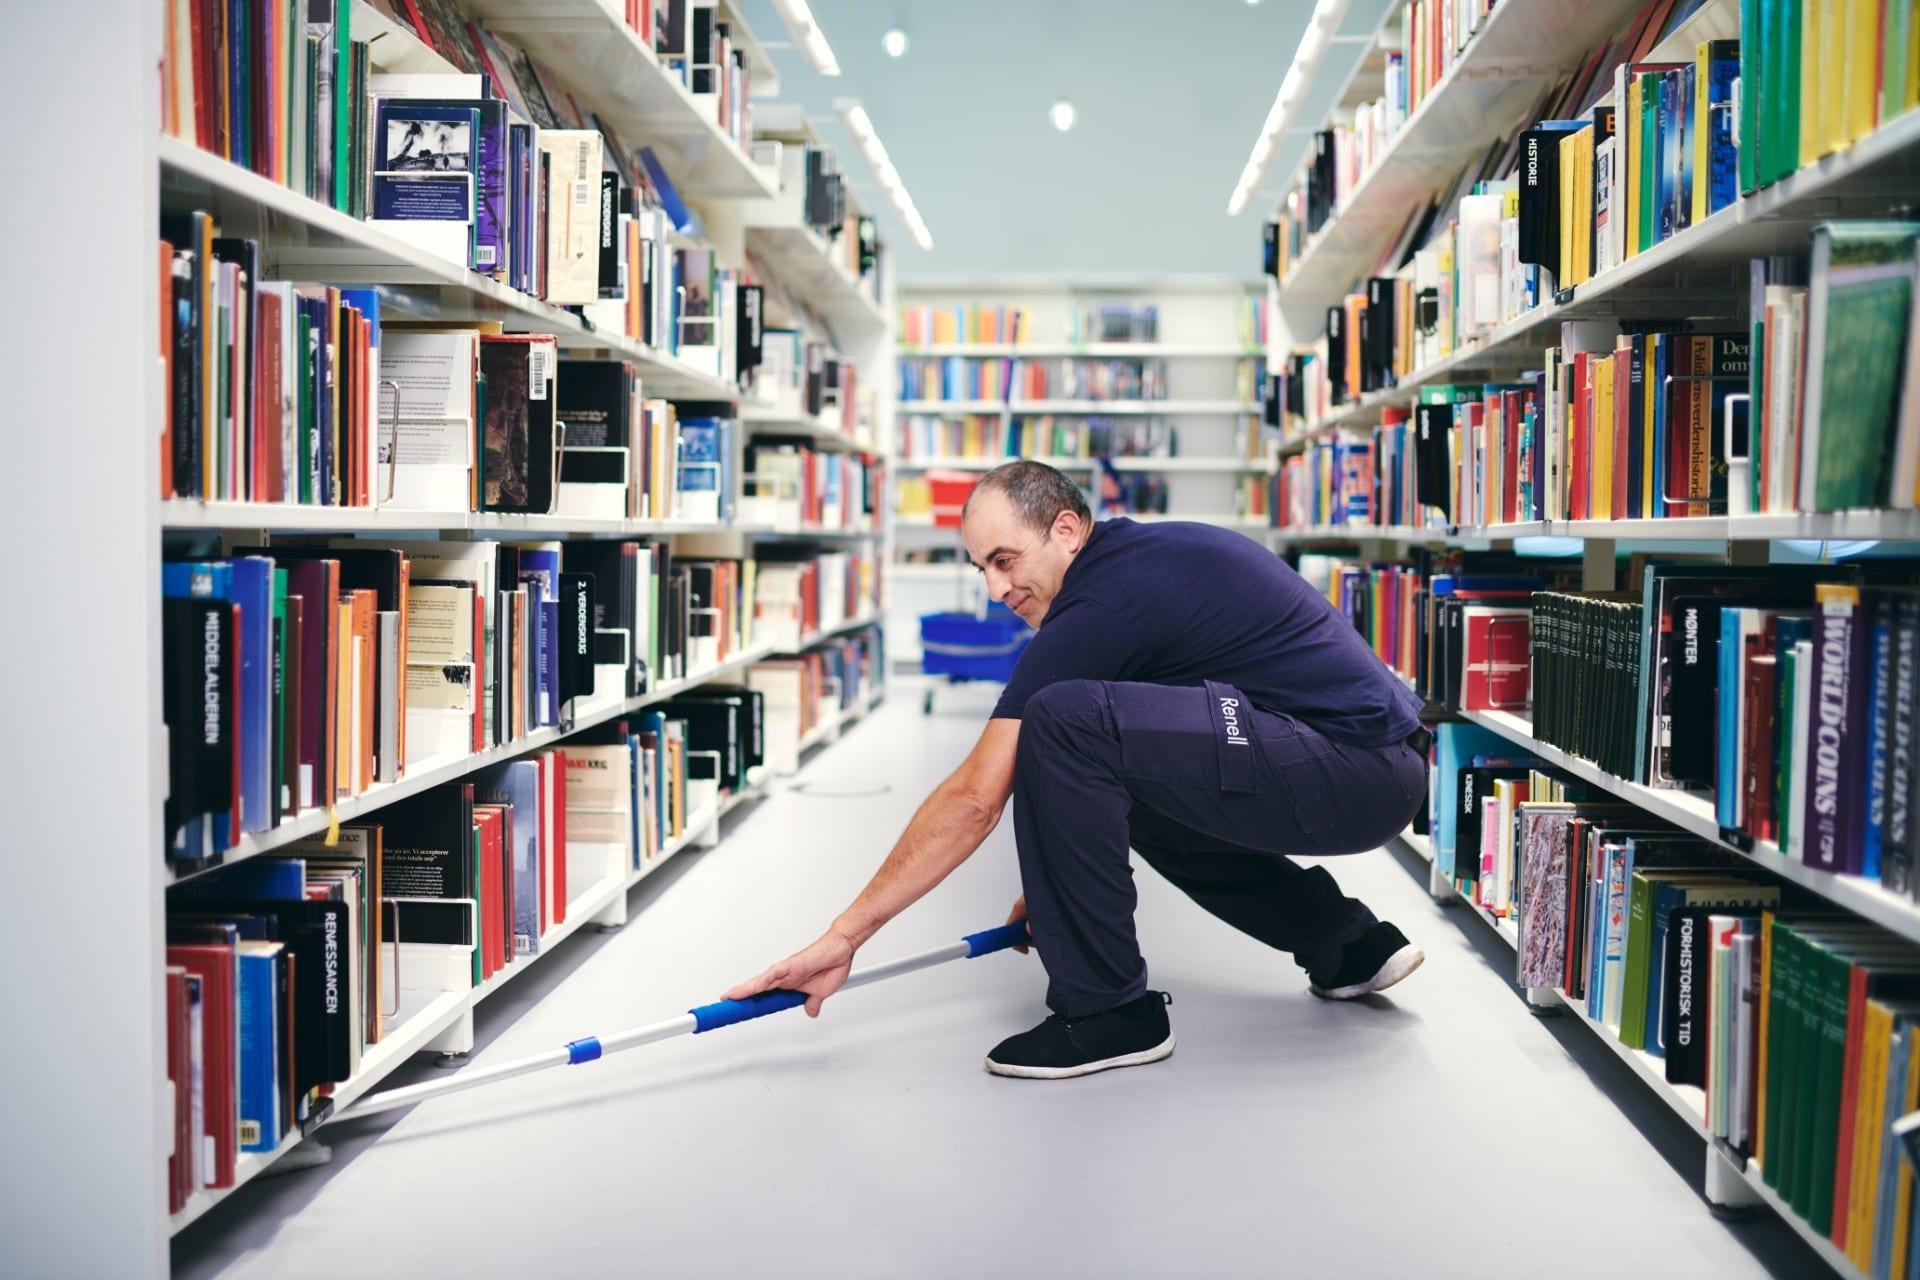 Renell-medarbejder fejer gulv på bibliotek